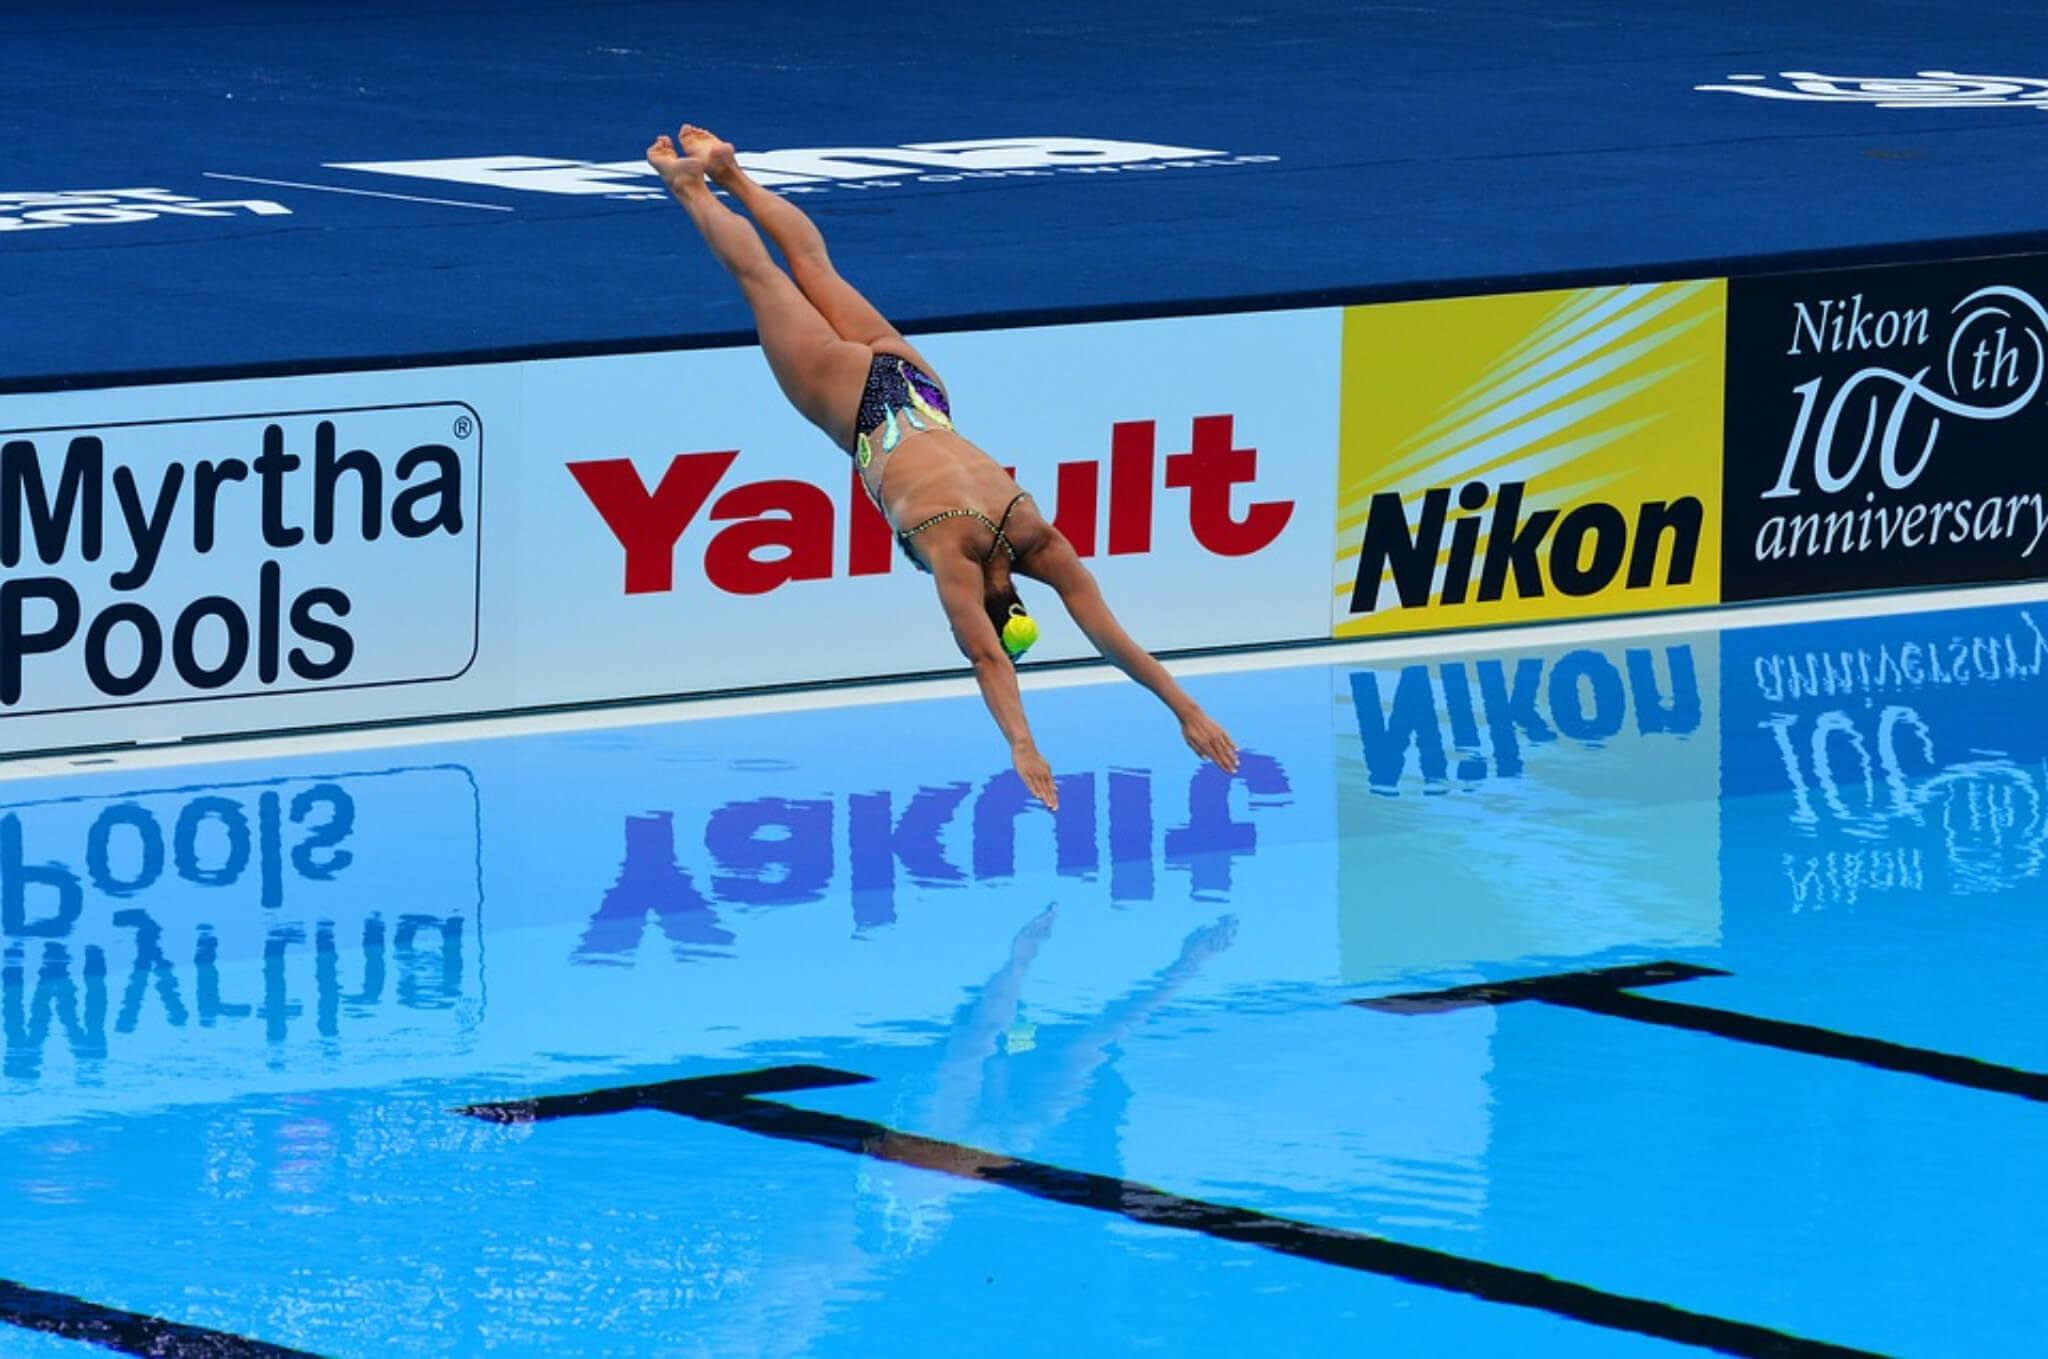 campionati mondiali di nuoto